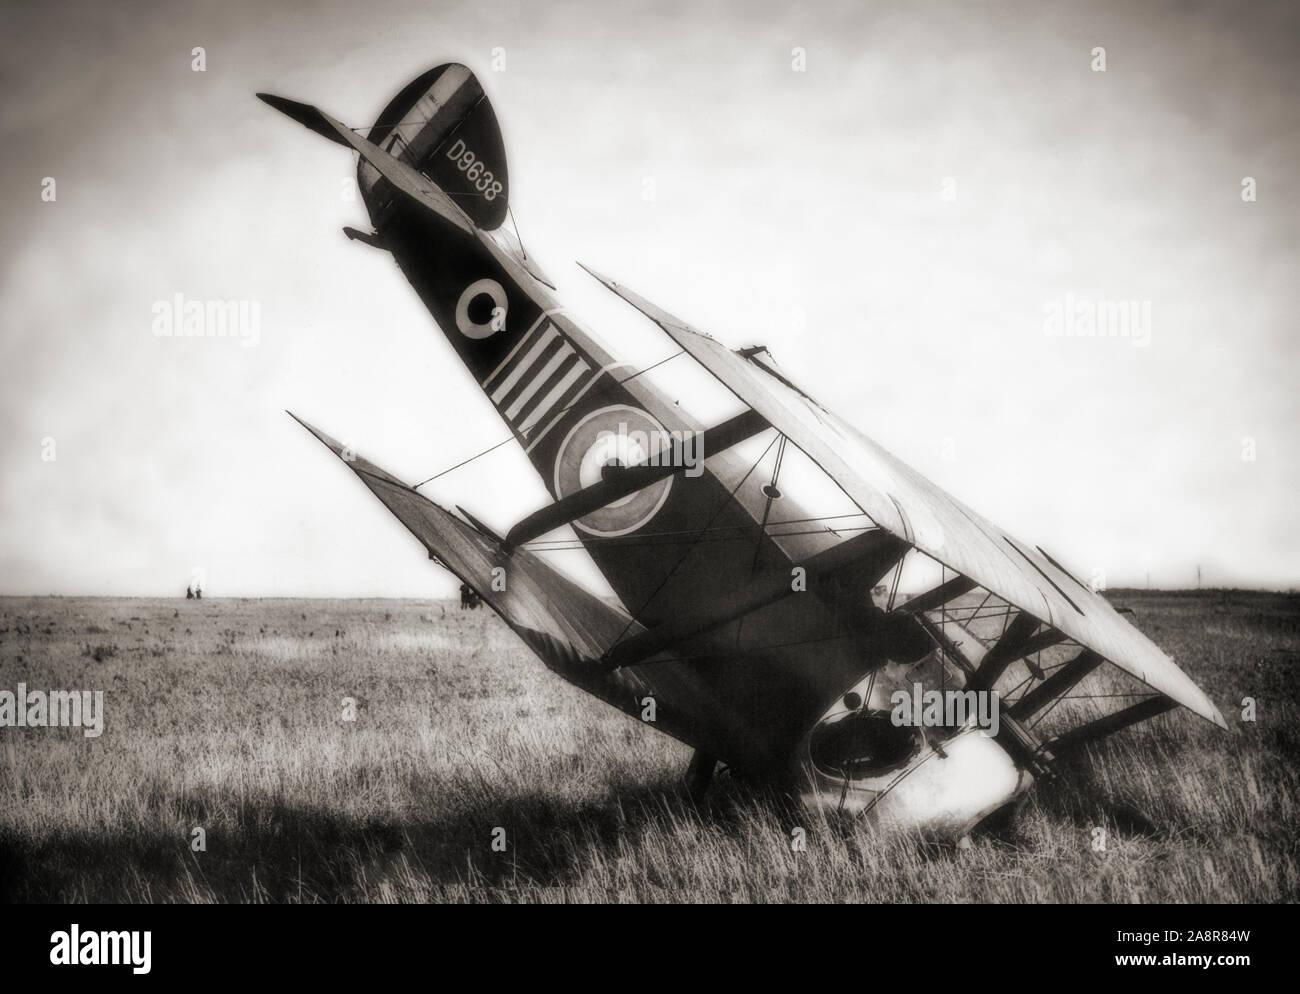 Un Sopwith Camel après un atterrissage forcé. La Première Guerre mondiale, le seul avion de chasse biplan places a été introduit sur le front occidental en 1917. Il était propulsé par un moteur rotatif unique et était armé de deux mitrailleuses Vickers synchronisée. S'avère difficile à manipuler, elle prévoit un haut niveau de maniabilité d'un pilote expérimenté, un attribut qui a été très appréciée dans l'utilisation principale du type comme un avion de chasse. Au total, les pilotes de chameaux ont été crédités avec downing 1 294 avions ennemis, plus que tout autre chasseur allié du conflit. Banque D'Images